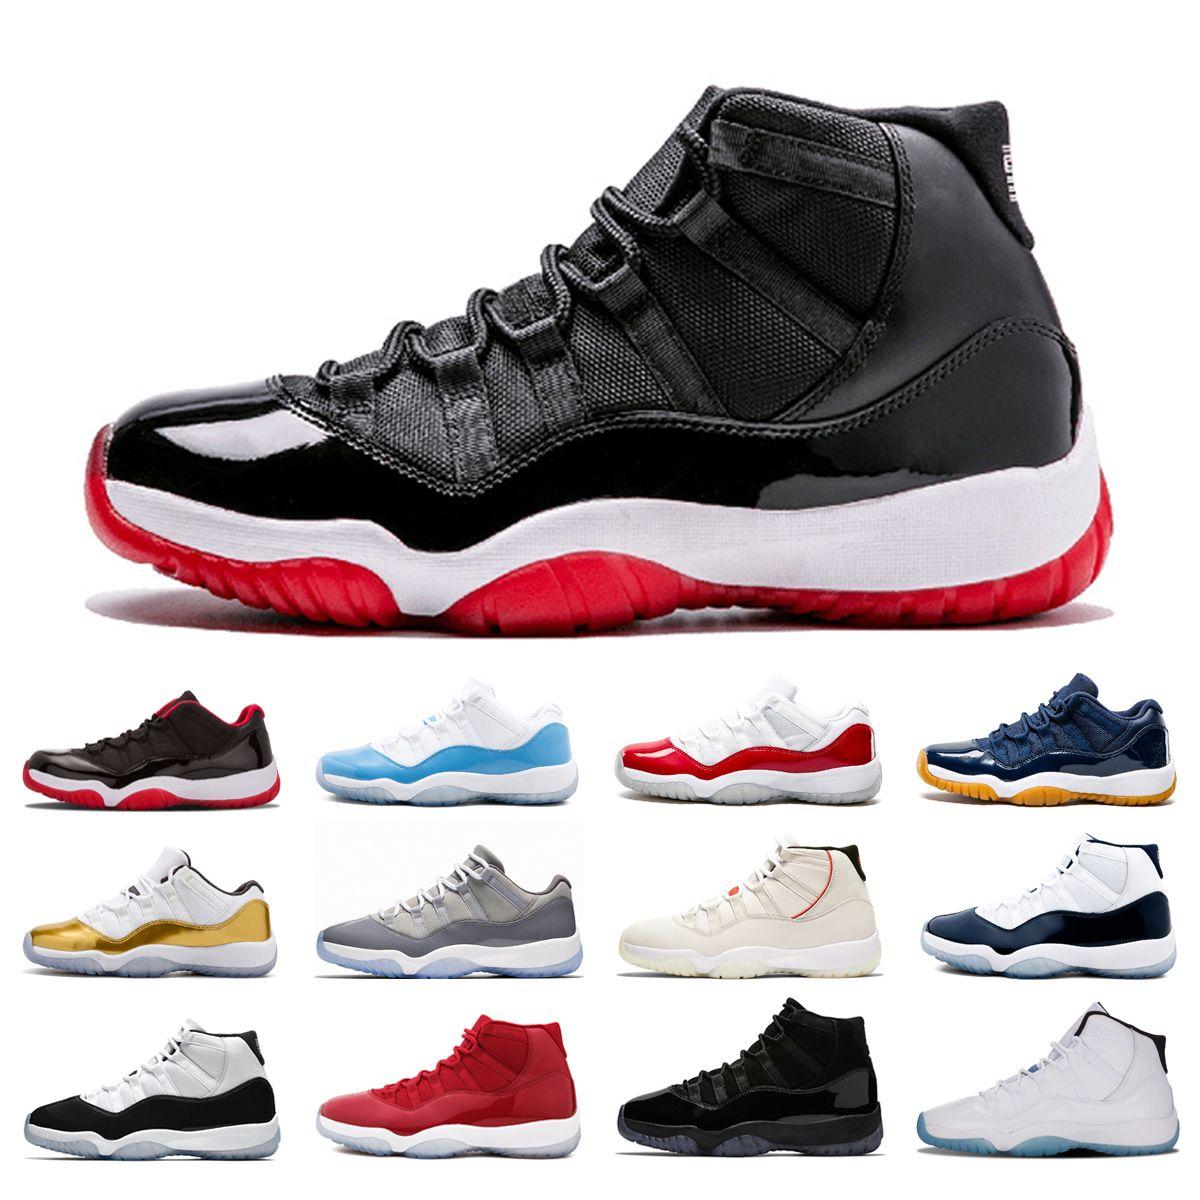 11s XI criados Concord 45 Platinum Tint tênis de basquete WIN COMO 82 96 Cinza frio Legend azuis 72-10 Mulheres Homens sapatilhas esportivas